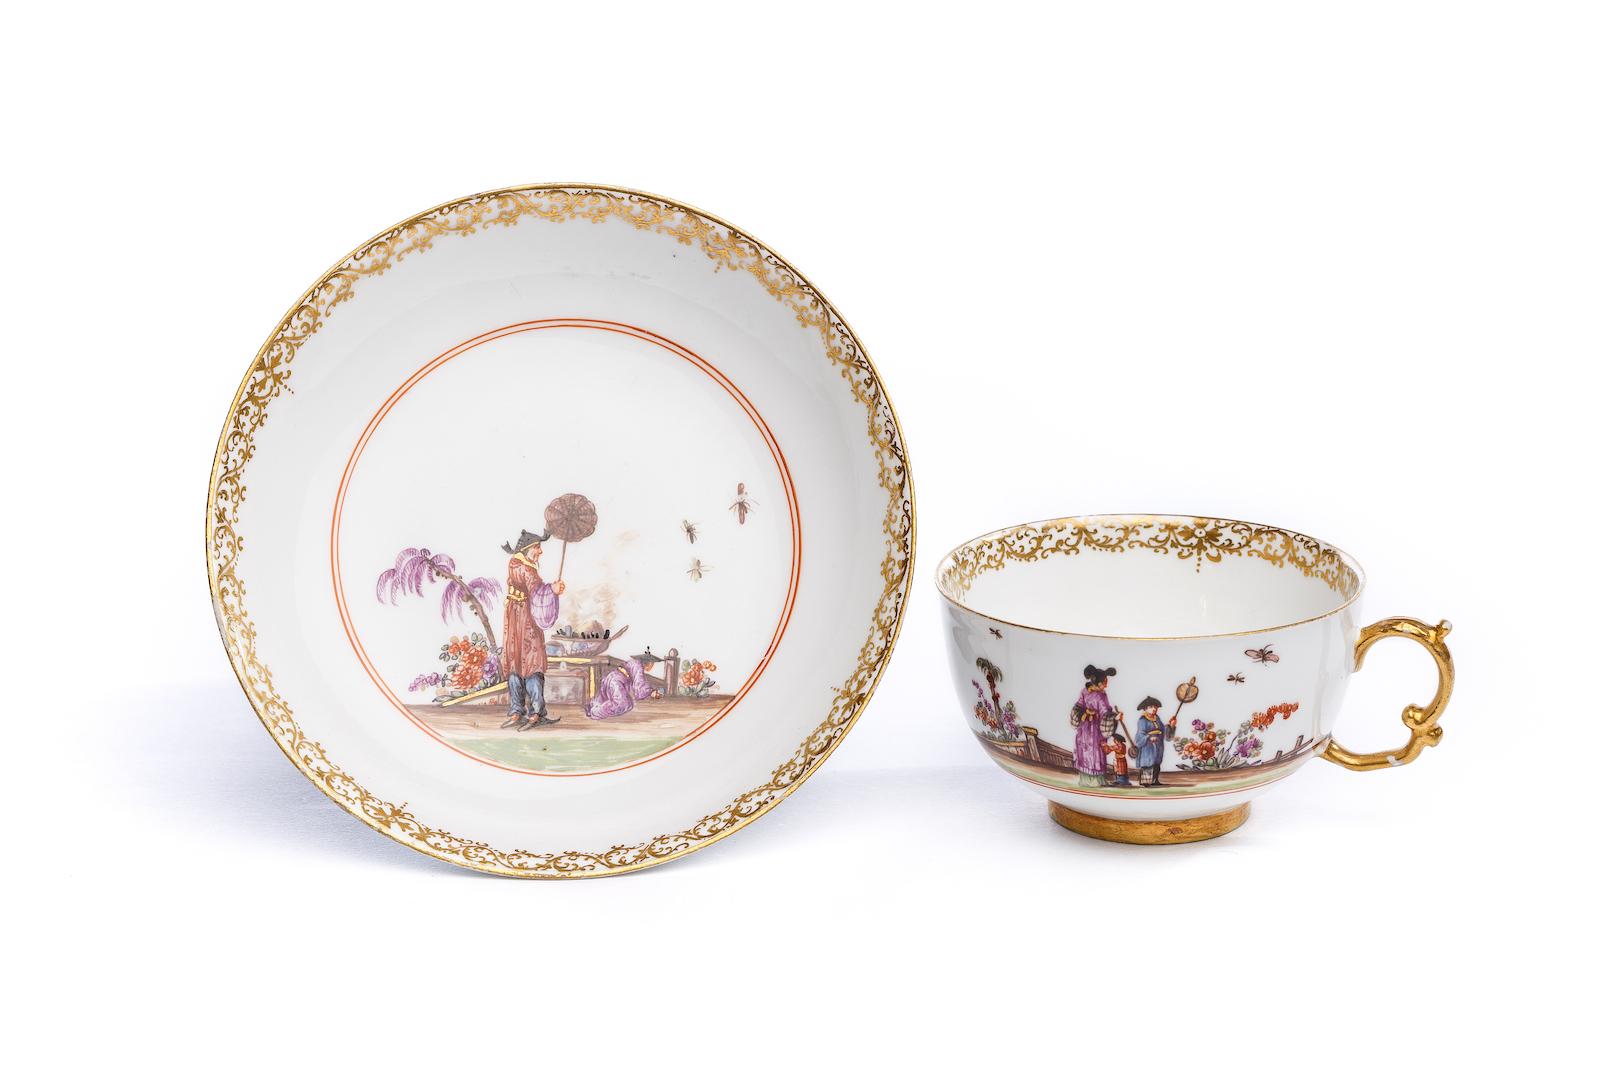 #97 Tasse mit Unterschale, Meissen 1723/24 | Cup with saucer, Meissen 1723/24 Image